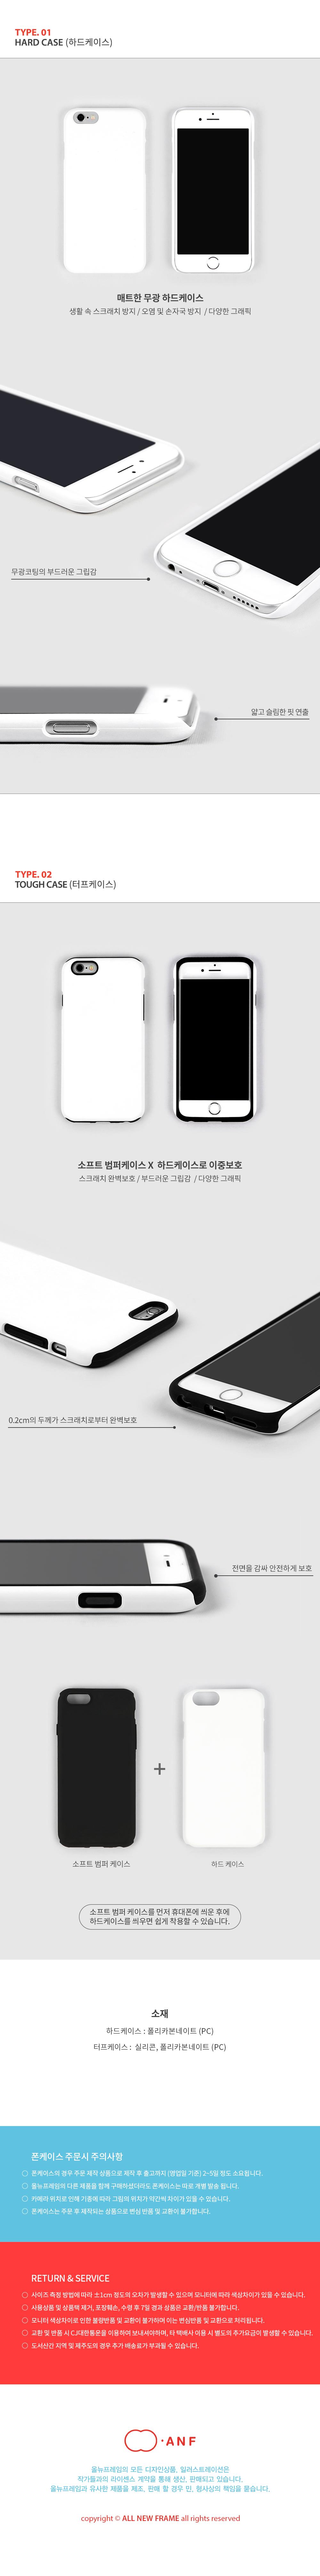 (Phone Case) 송이송이 초코송이 - 올뉴프레임, 22,000원, 케이스, 아이폰7/8